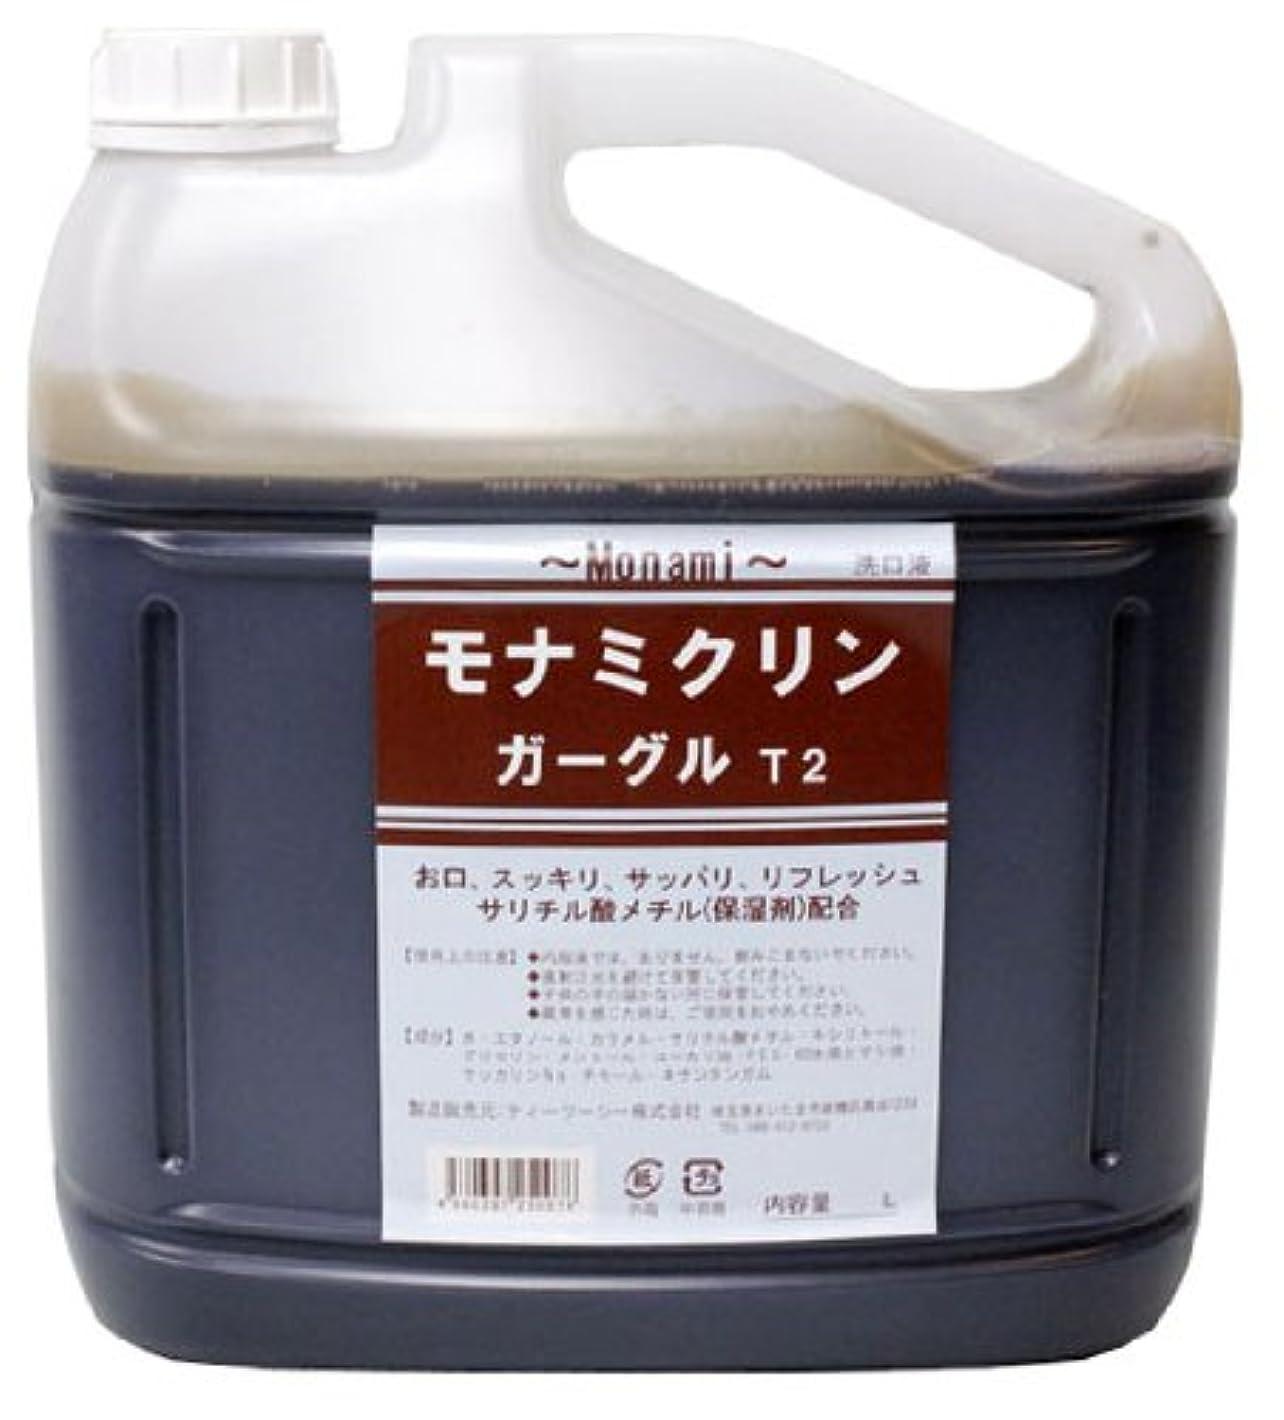 不適当上げる半球【業務用】モナミ クリンガーグルT2 5リットル サリチル酸メチル配合